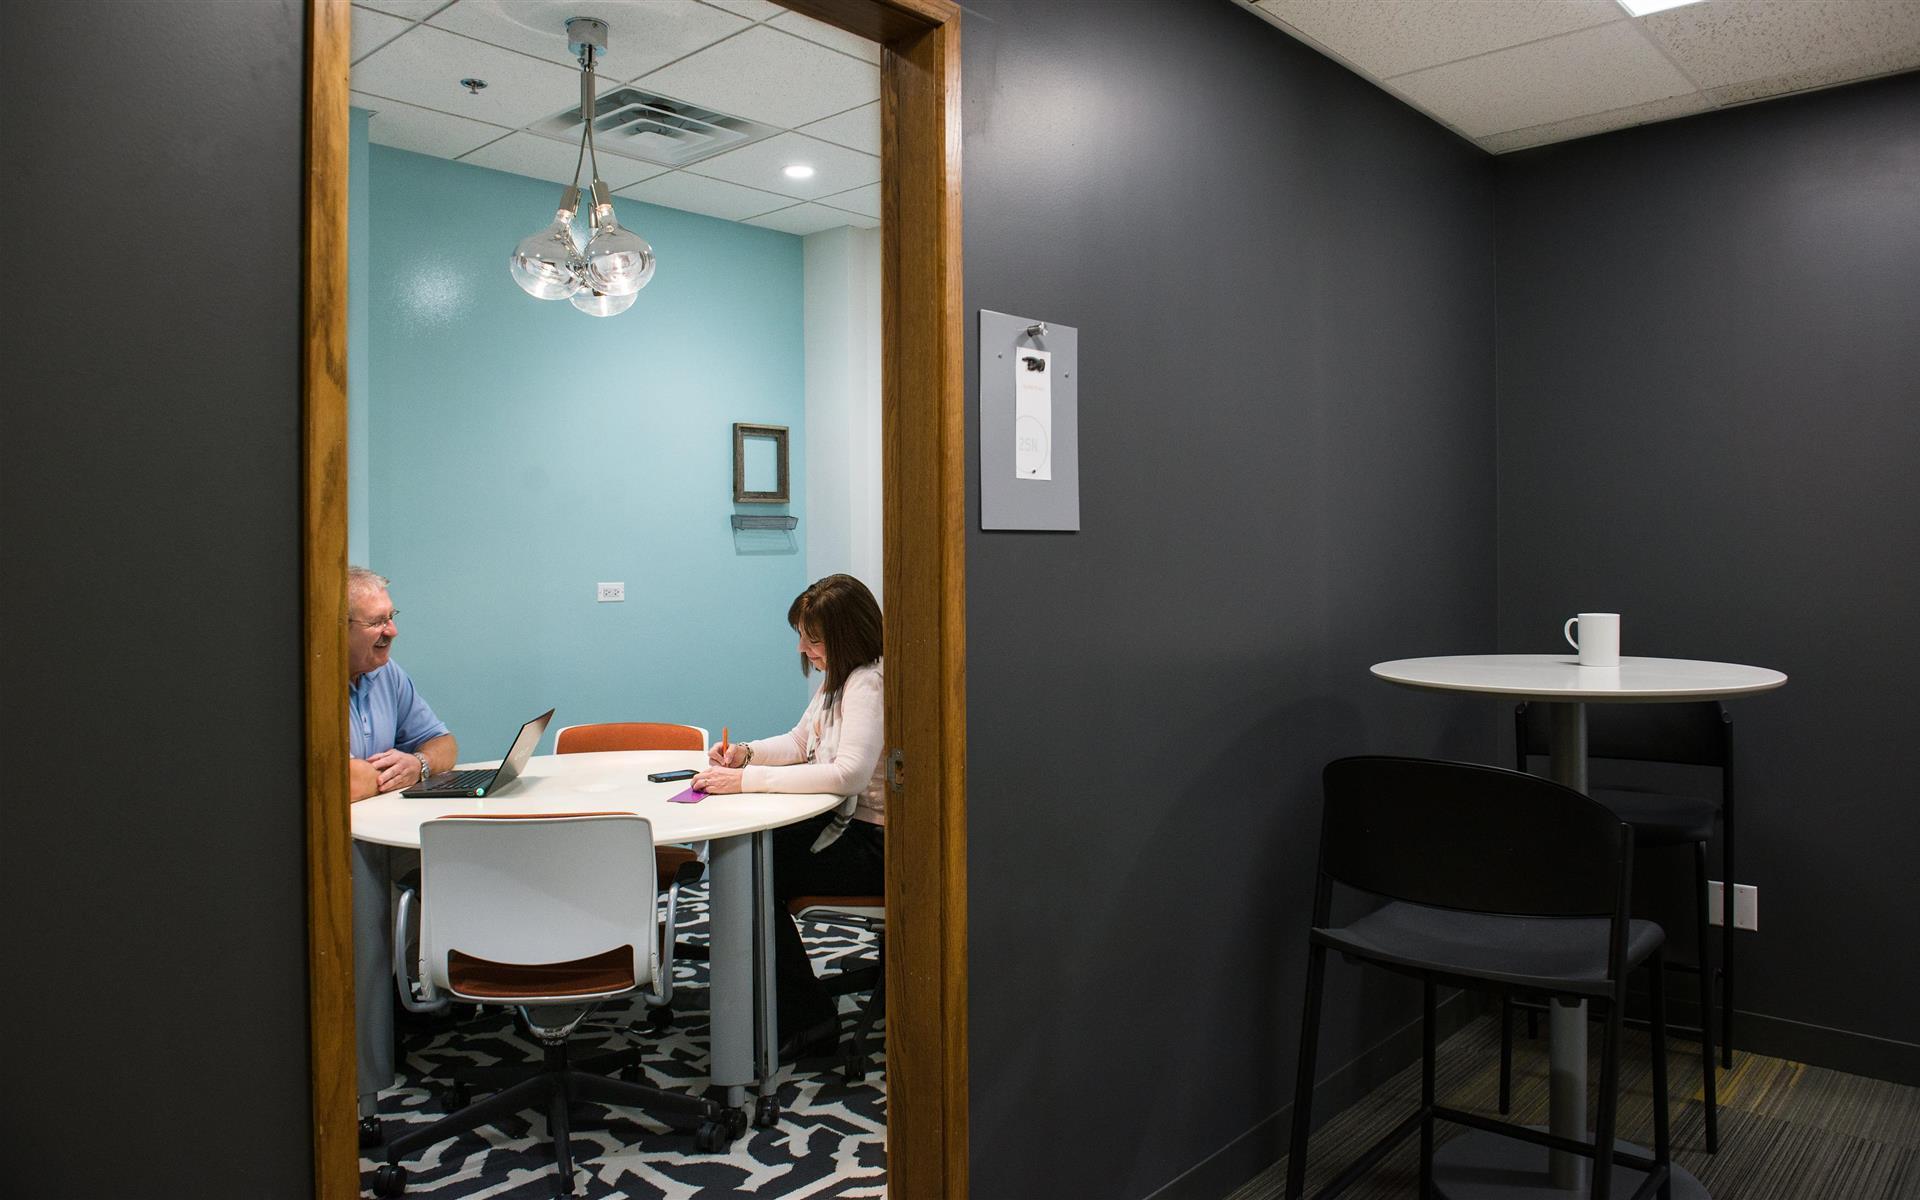 25N Coworking - Arlington Heights - Team Office 202